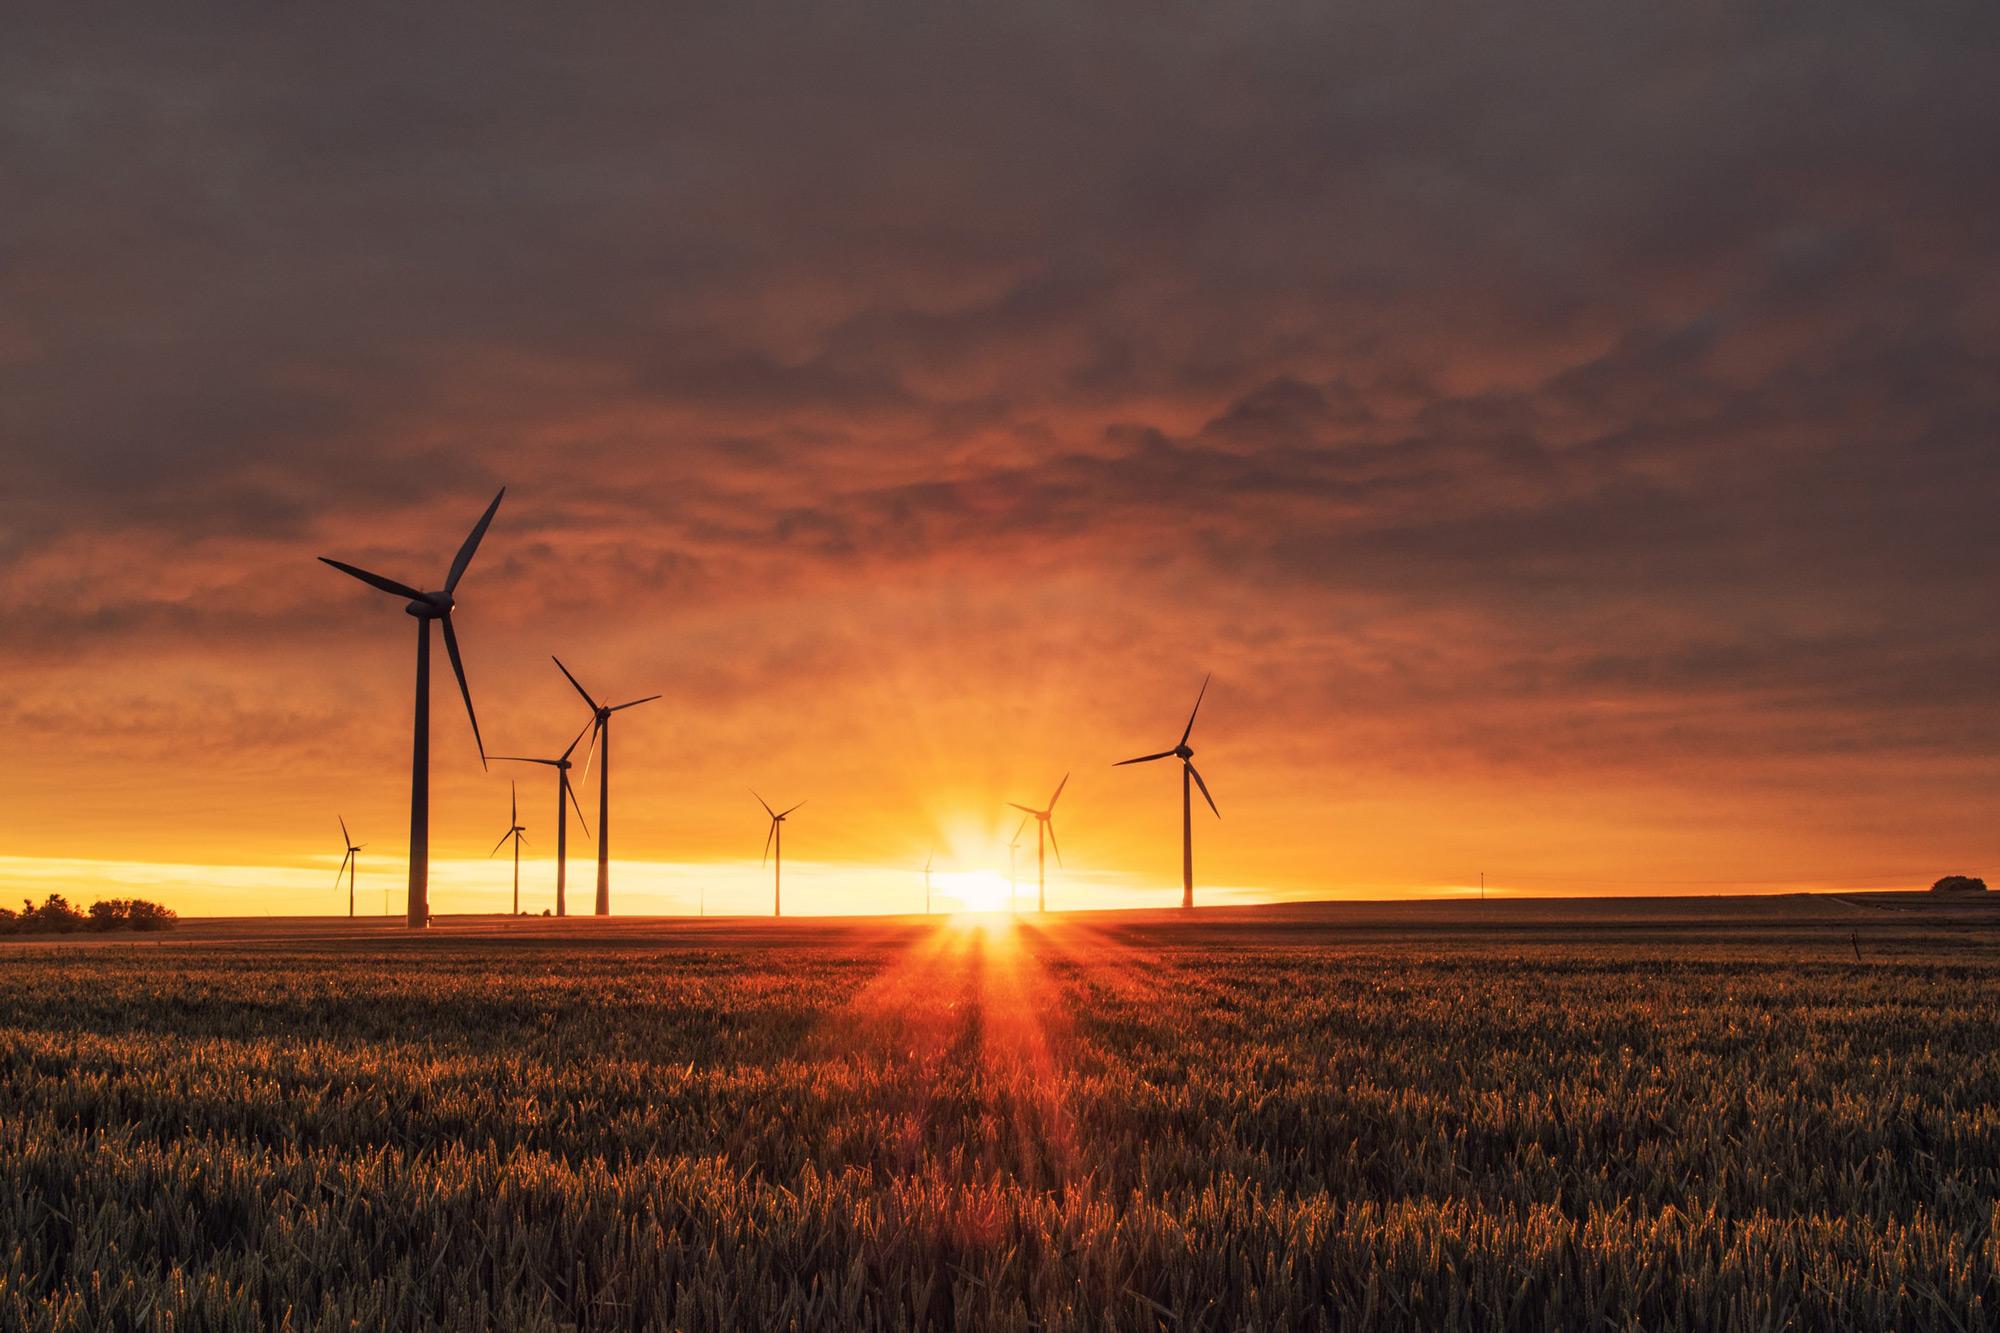 Das Foto zeigt auf einem Feld stehende Windräder im Sonnenuntergang.